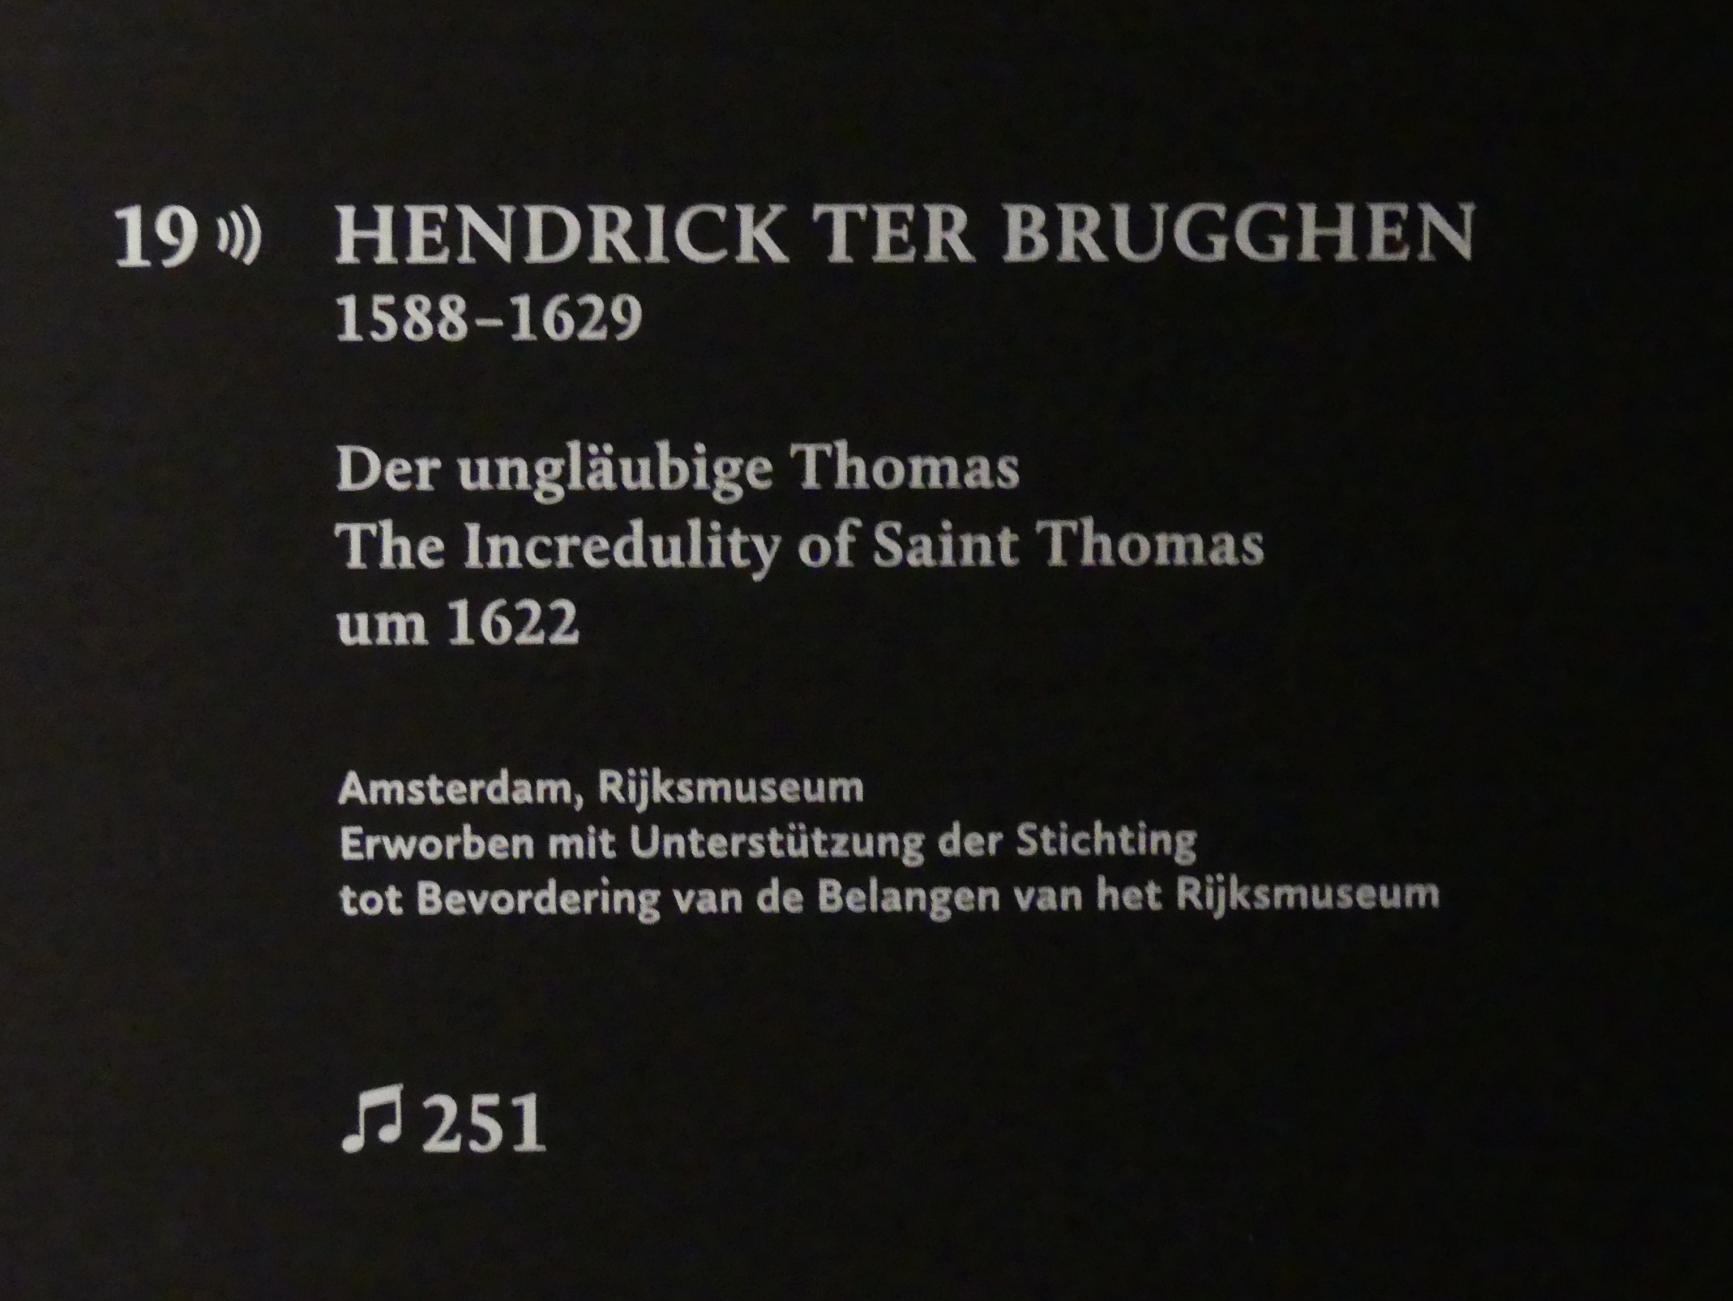 Hendrick ter Brugghen: Der ungläubige Thomas, Um 1622